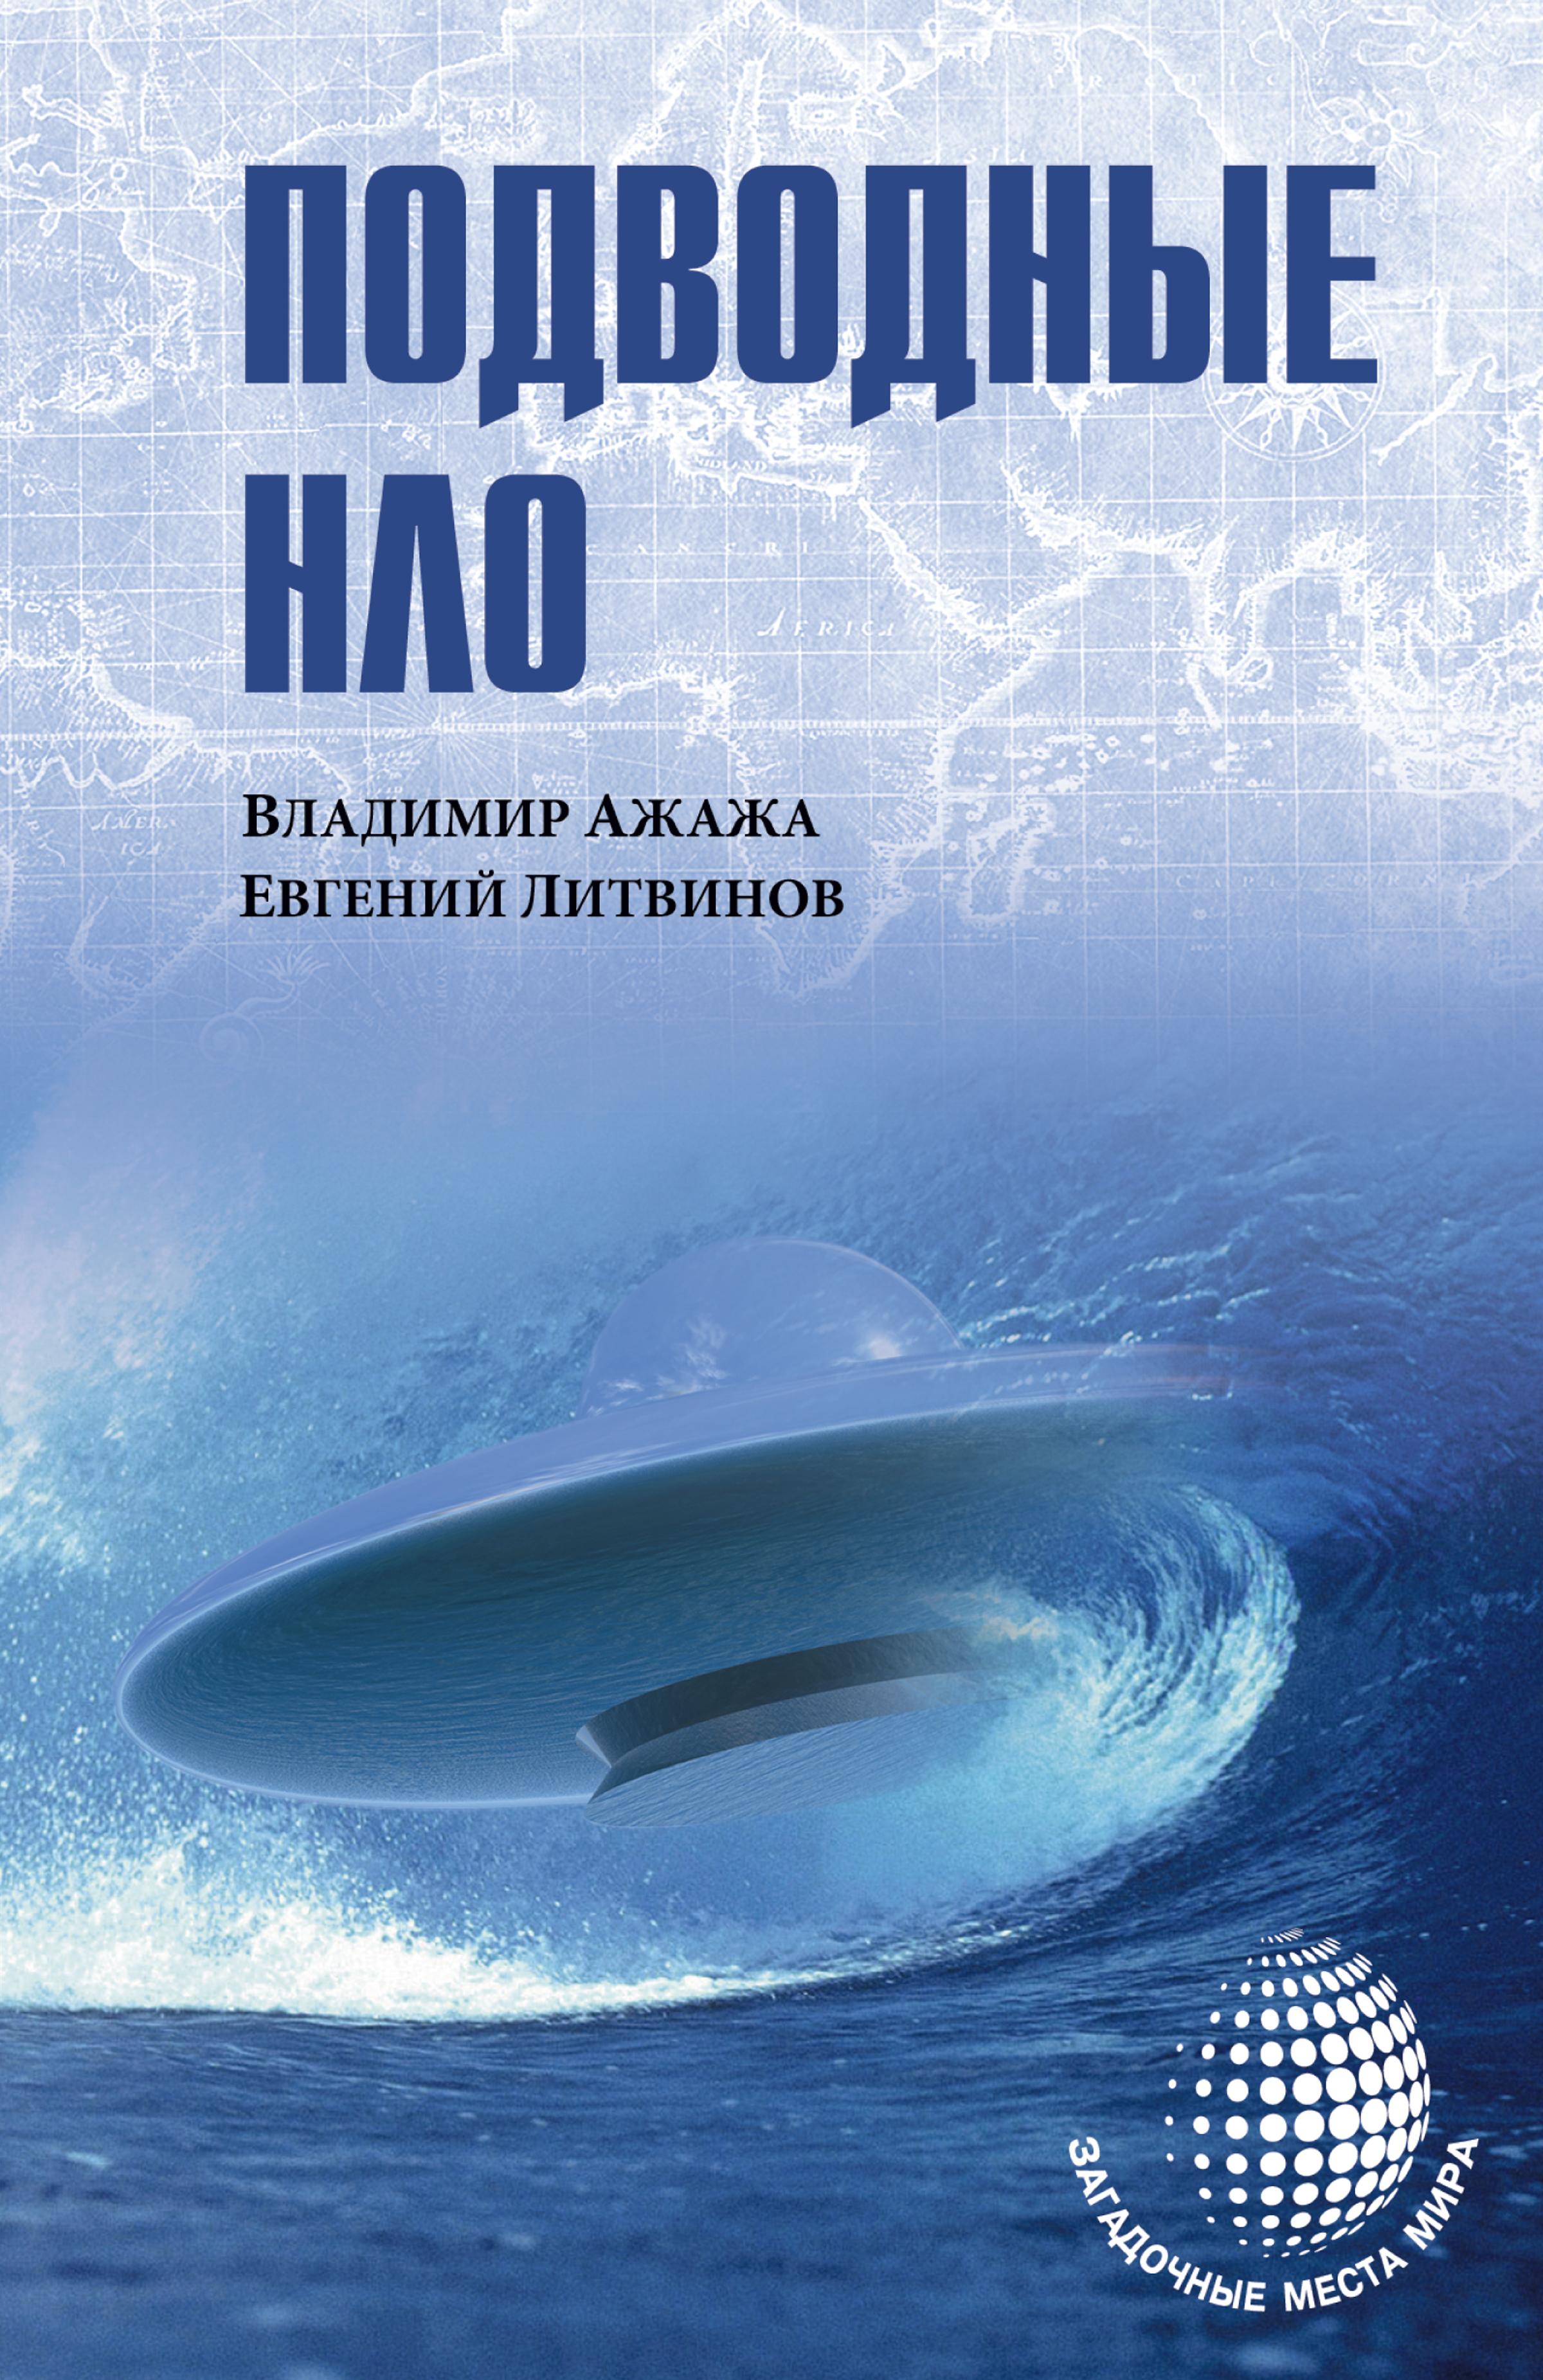 Владимир Ажажа Подводные НЛО ли йон д что делают великие компании или как отделить лучшее от прочего